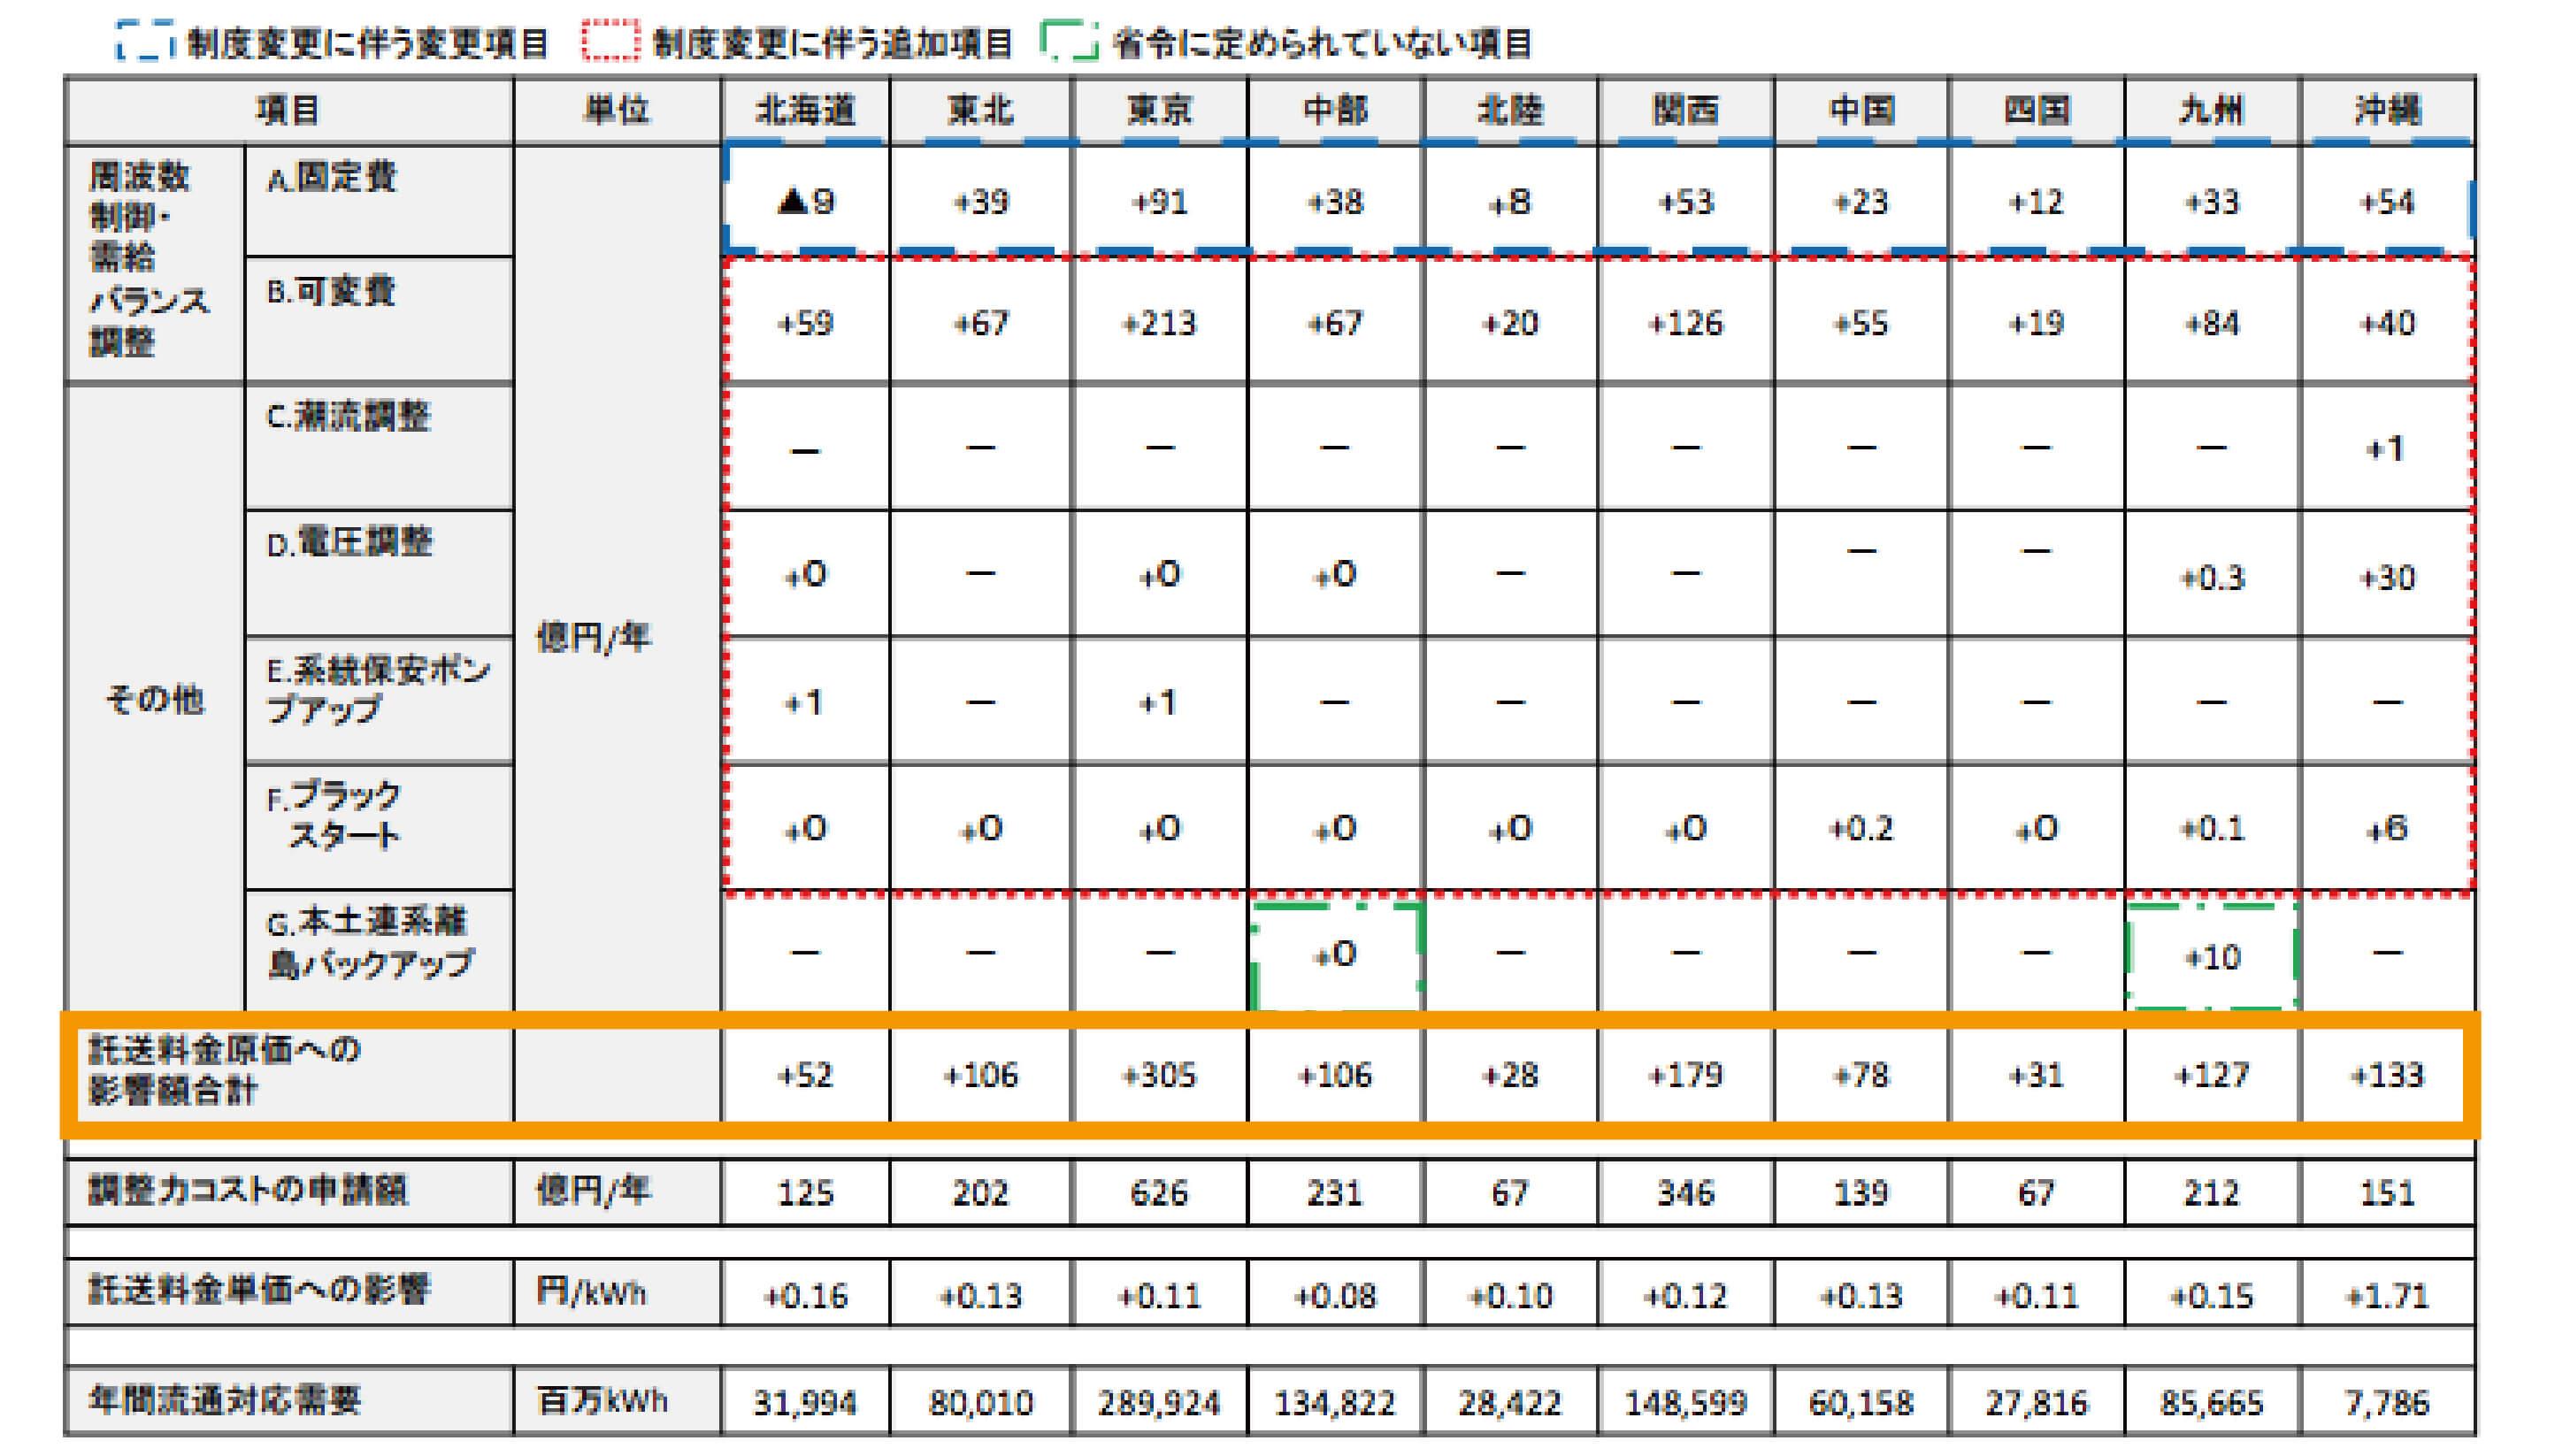 調整力コストによる託送料金原価の増減の図〈注:「0」は金額を算出したもの有効数字未満の場合を表す〉(出典:経済産業省)